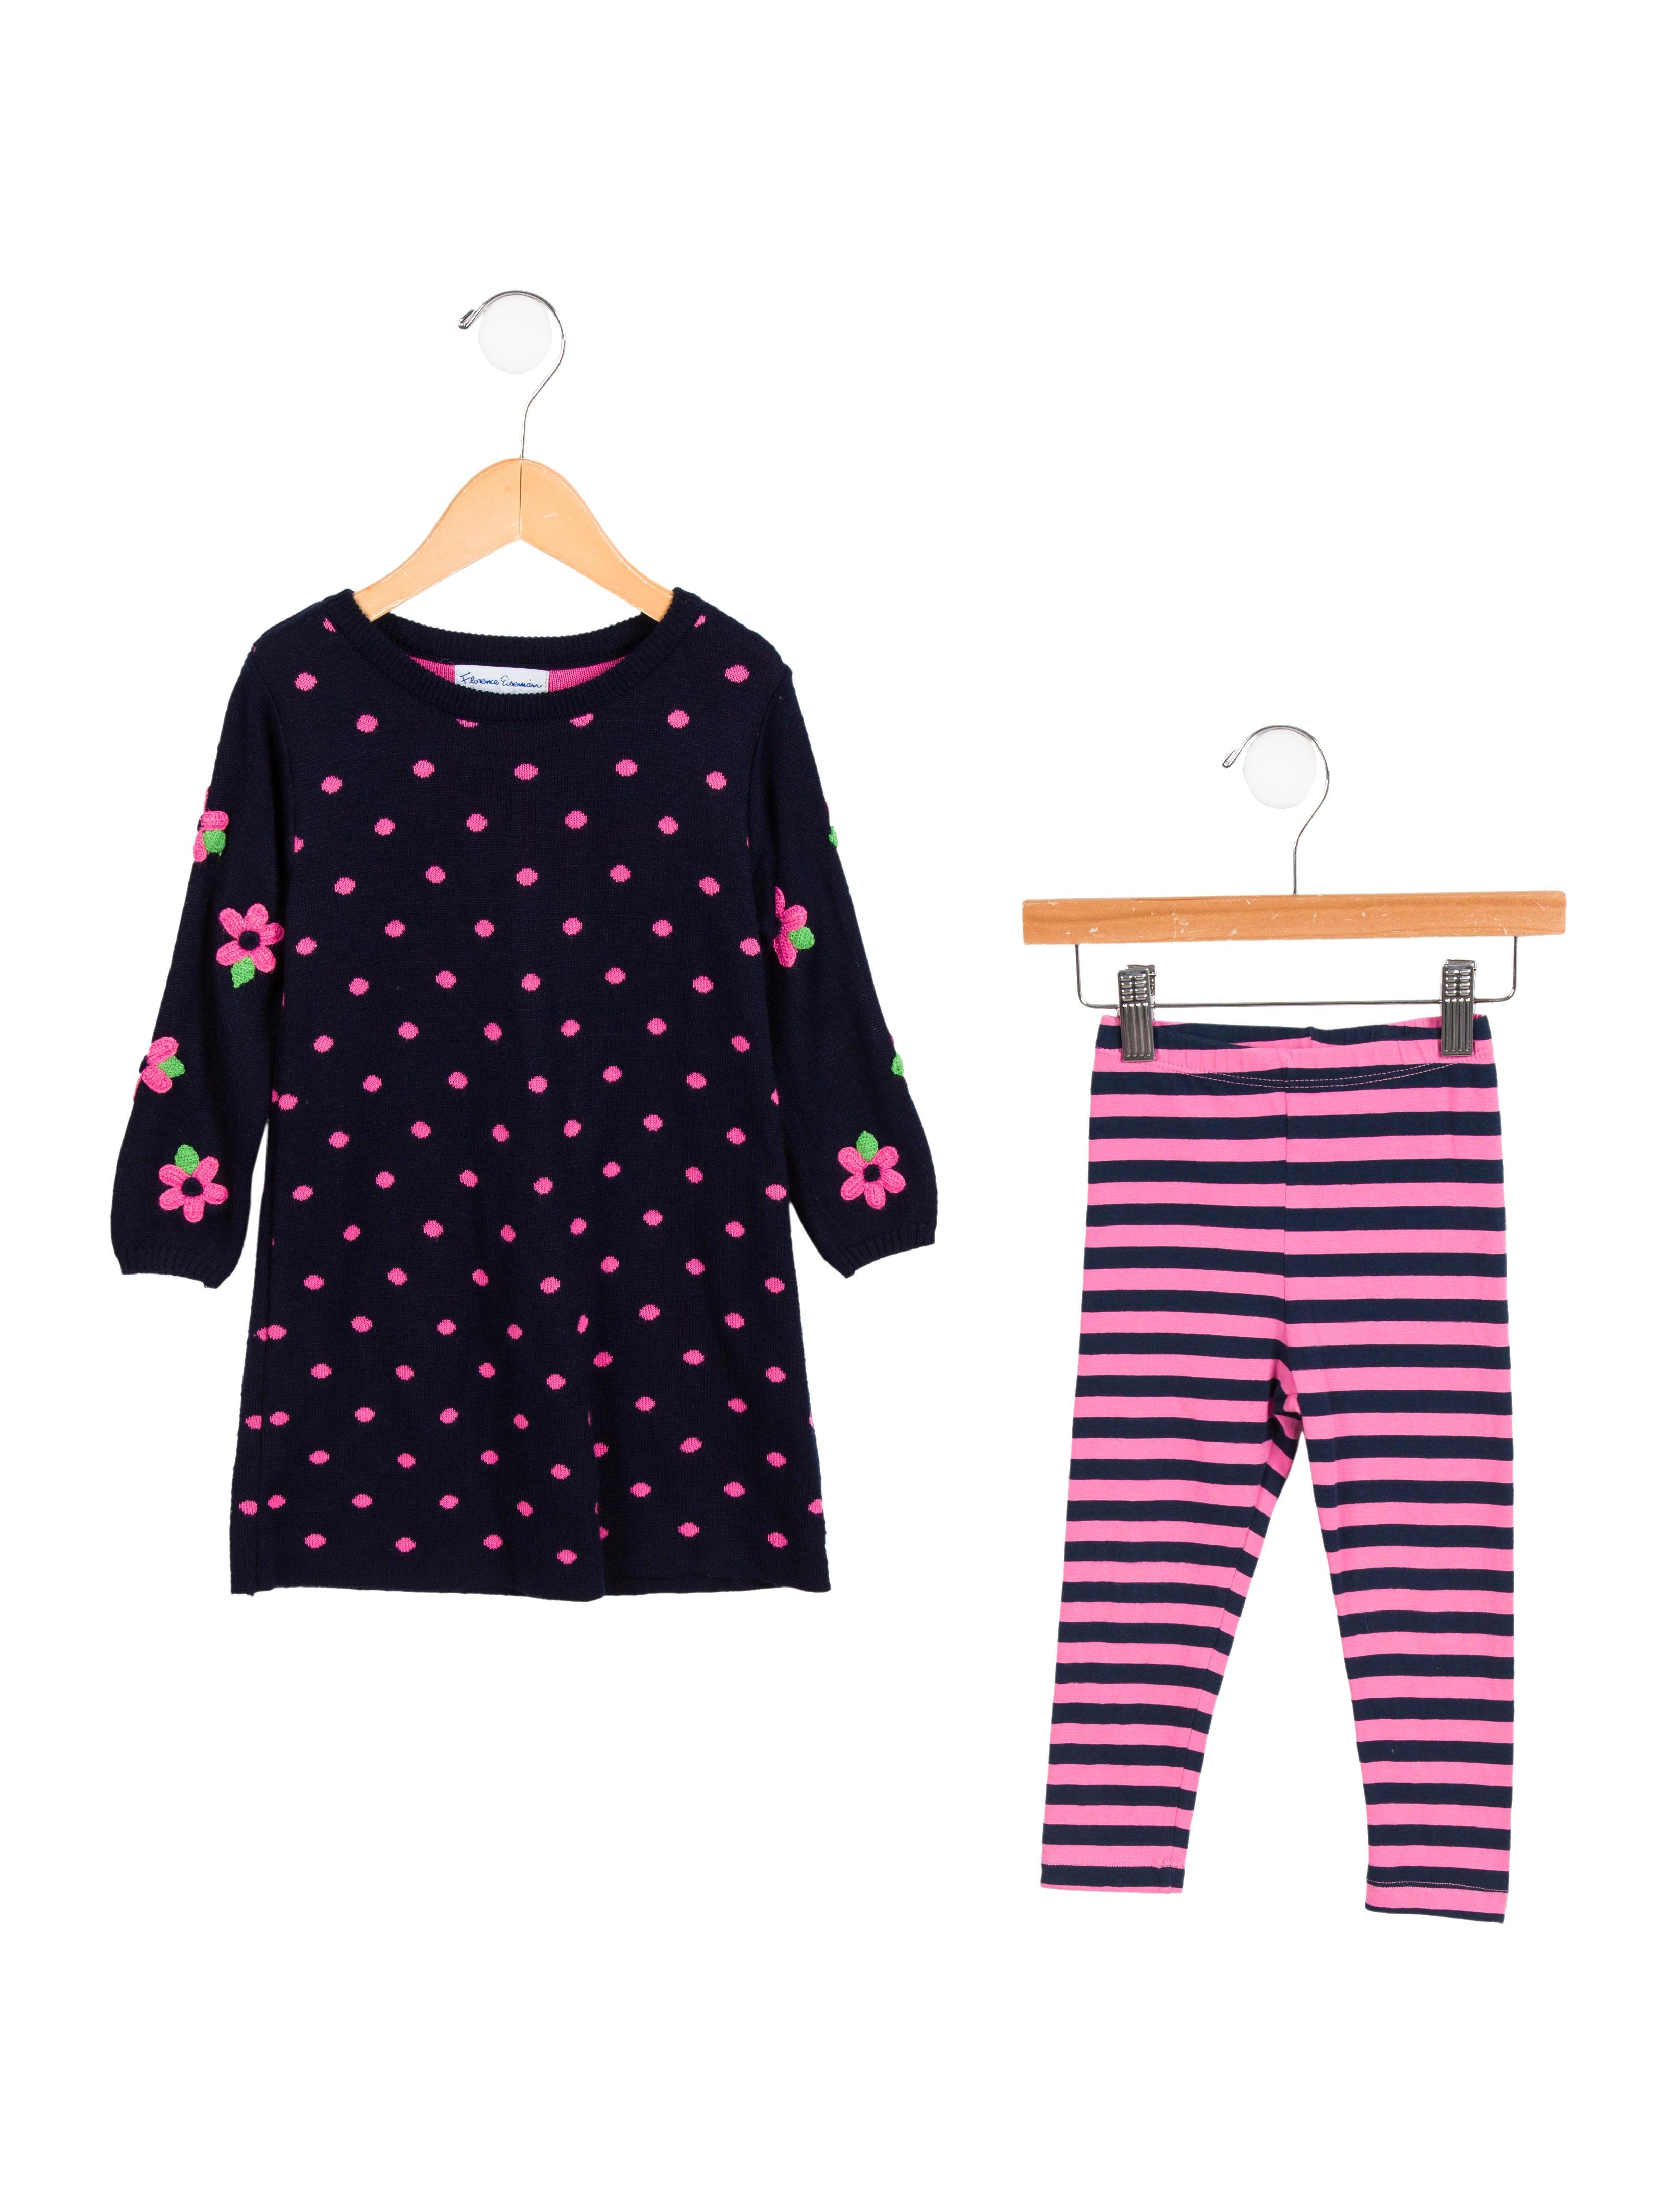 c9b035aba0 Florence Eiseman Girls  Sweater Dress Set - Girls - WEISE20149